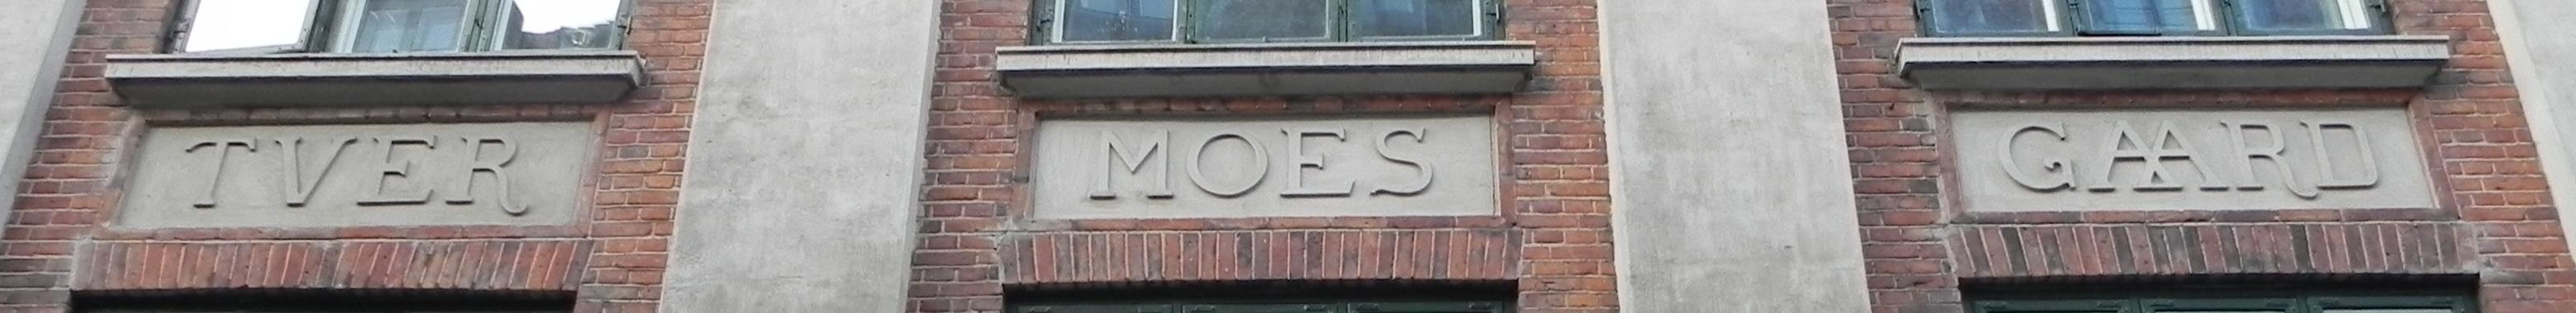 Rosengården 12-12a-14-14a - 3